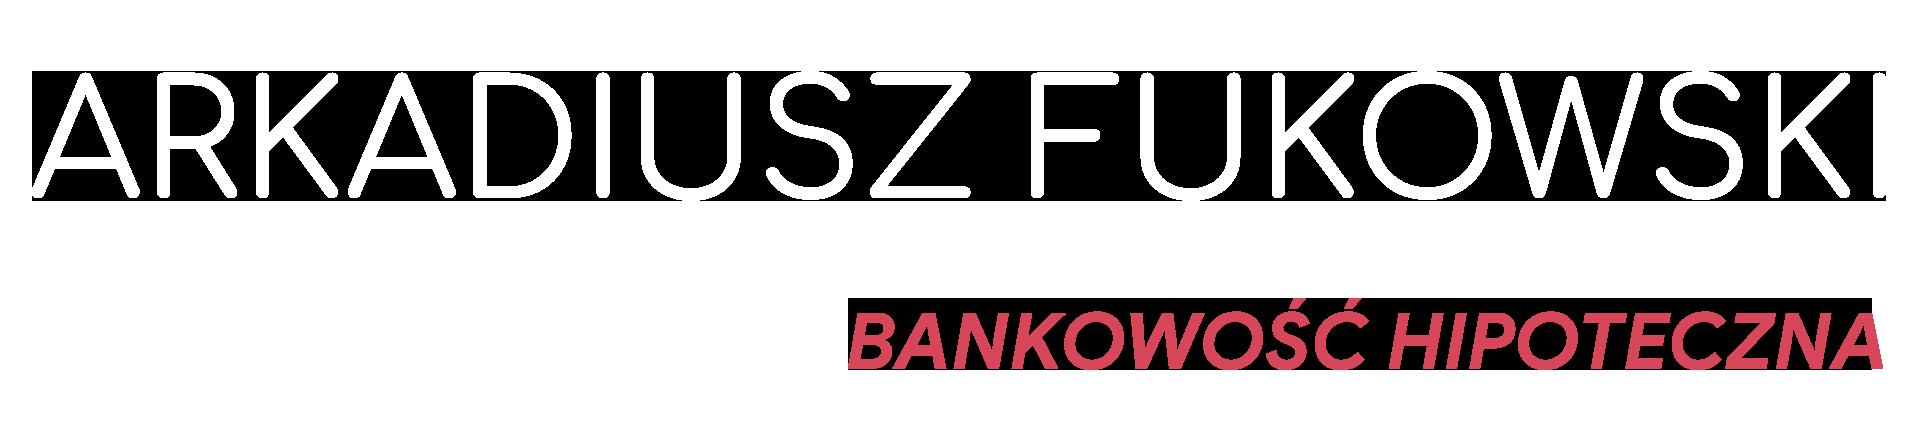 logo-afukowski-png-3